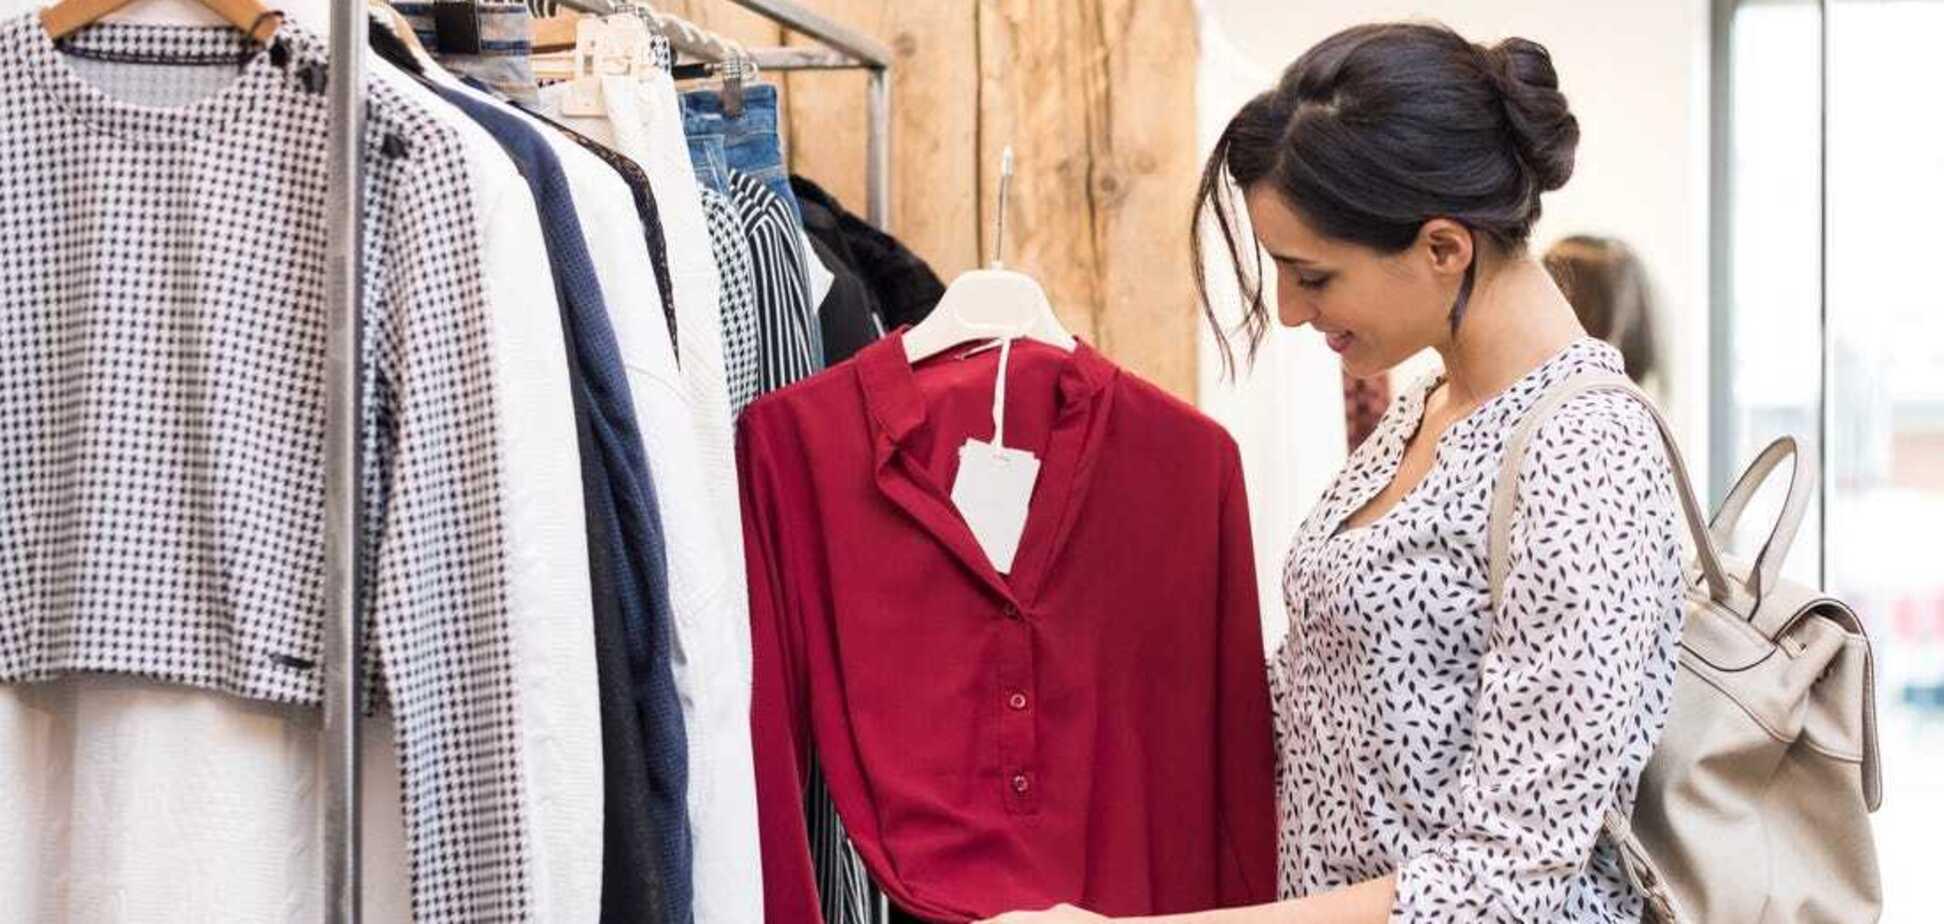 Стилист назвала главные ошибки при выборе одежды во время шоппинга